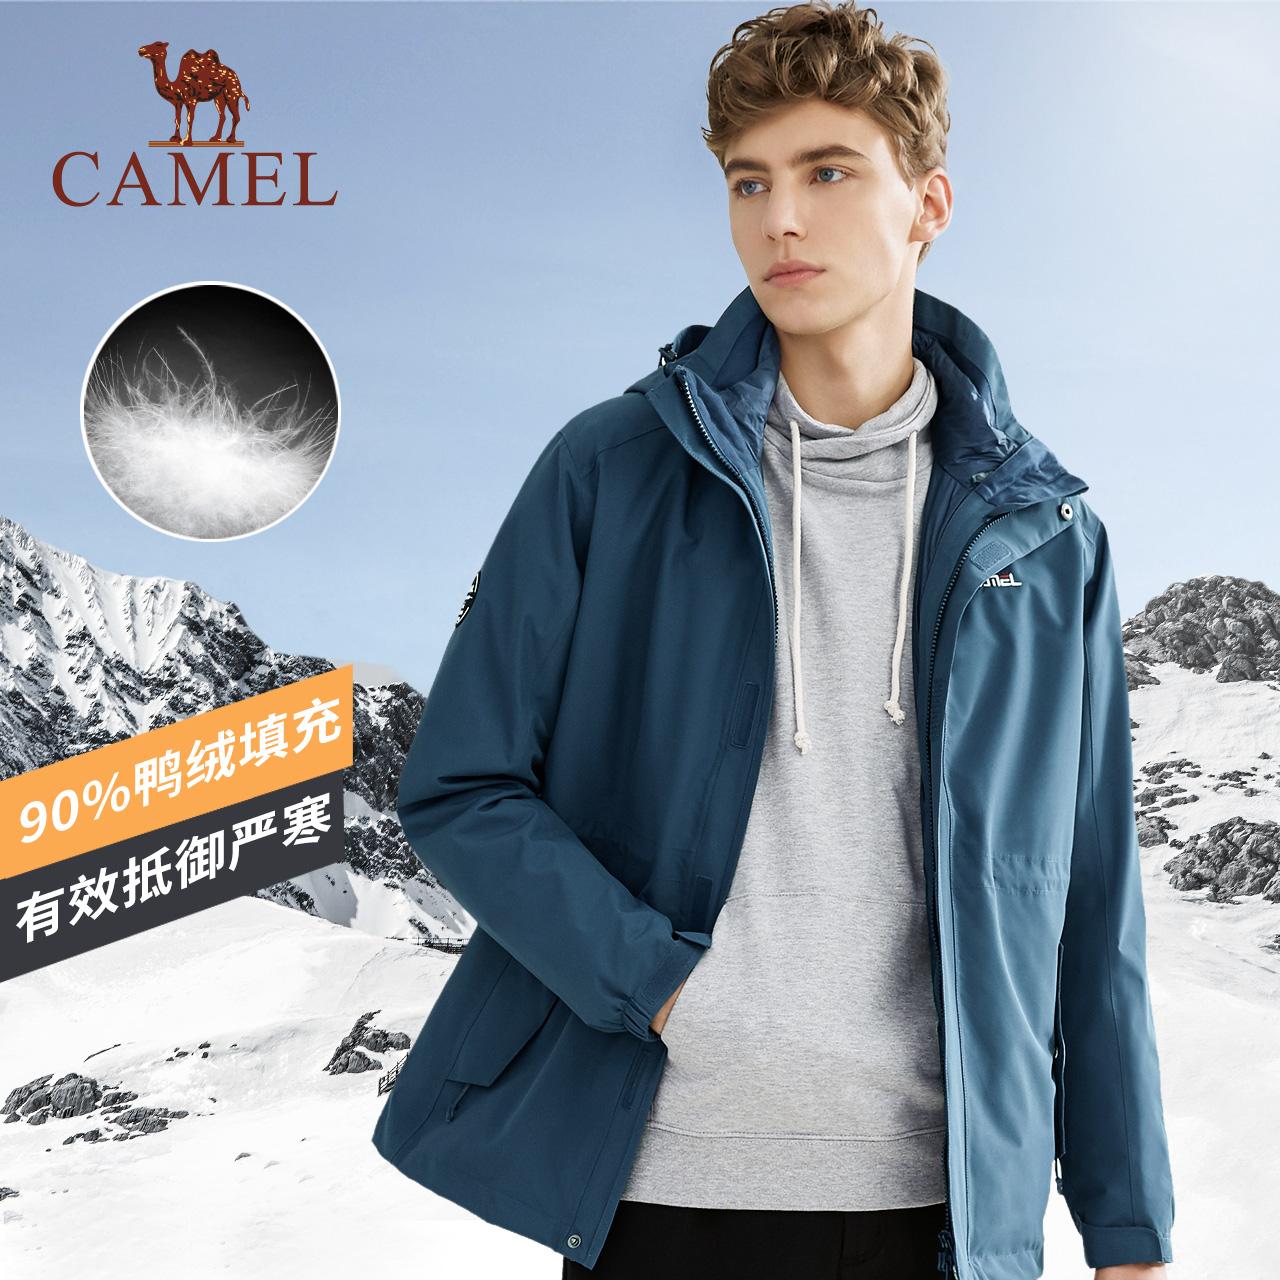 骆驼户外冲锋衣男女羽绒内胆三合一可拆卸两件套加厚秋冬滑雪服装